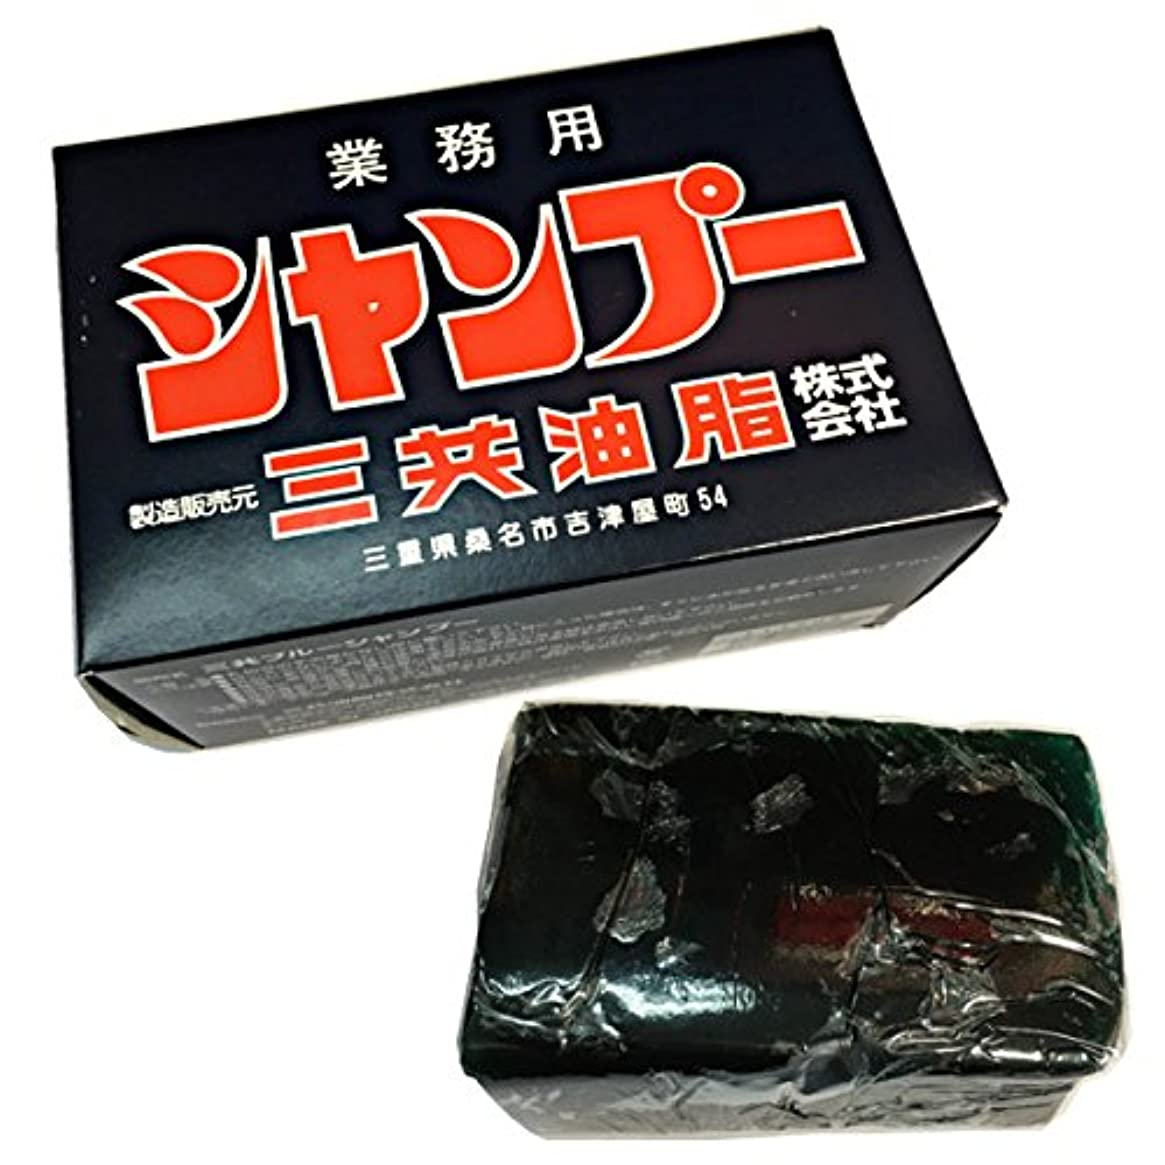 塊矢印きらきら三共油脂 三共ブルーシャンプー 容量1800g